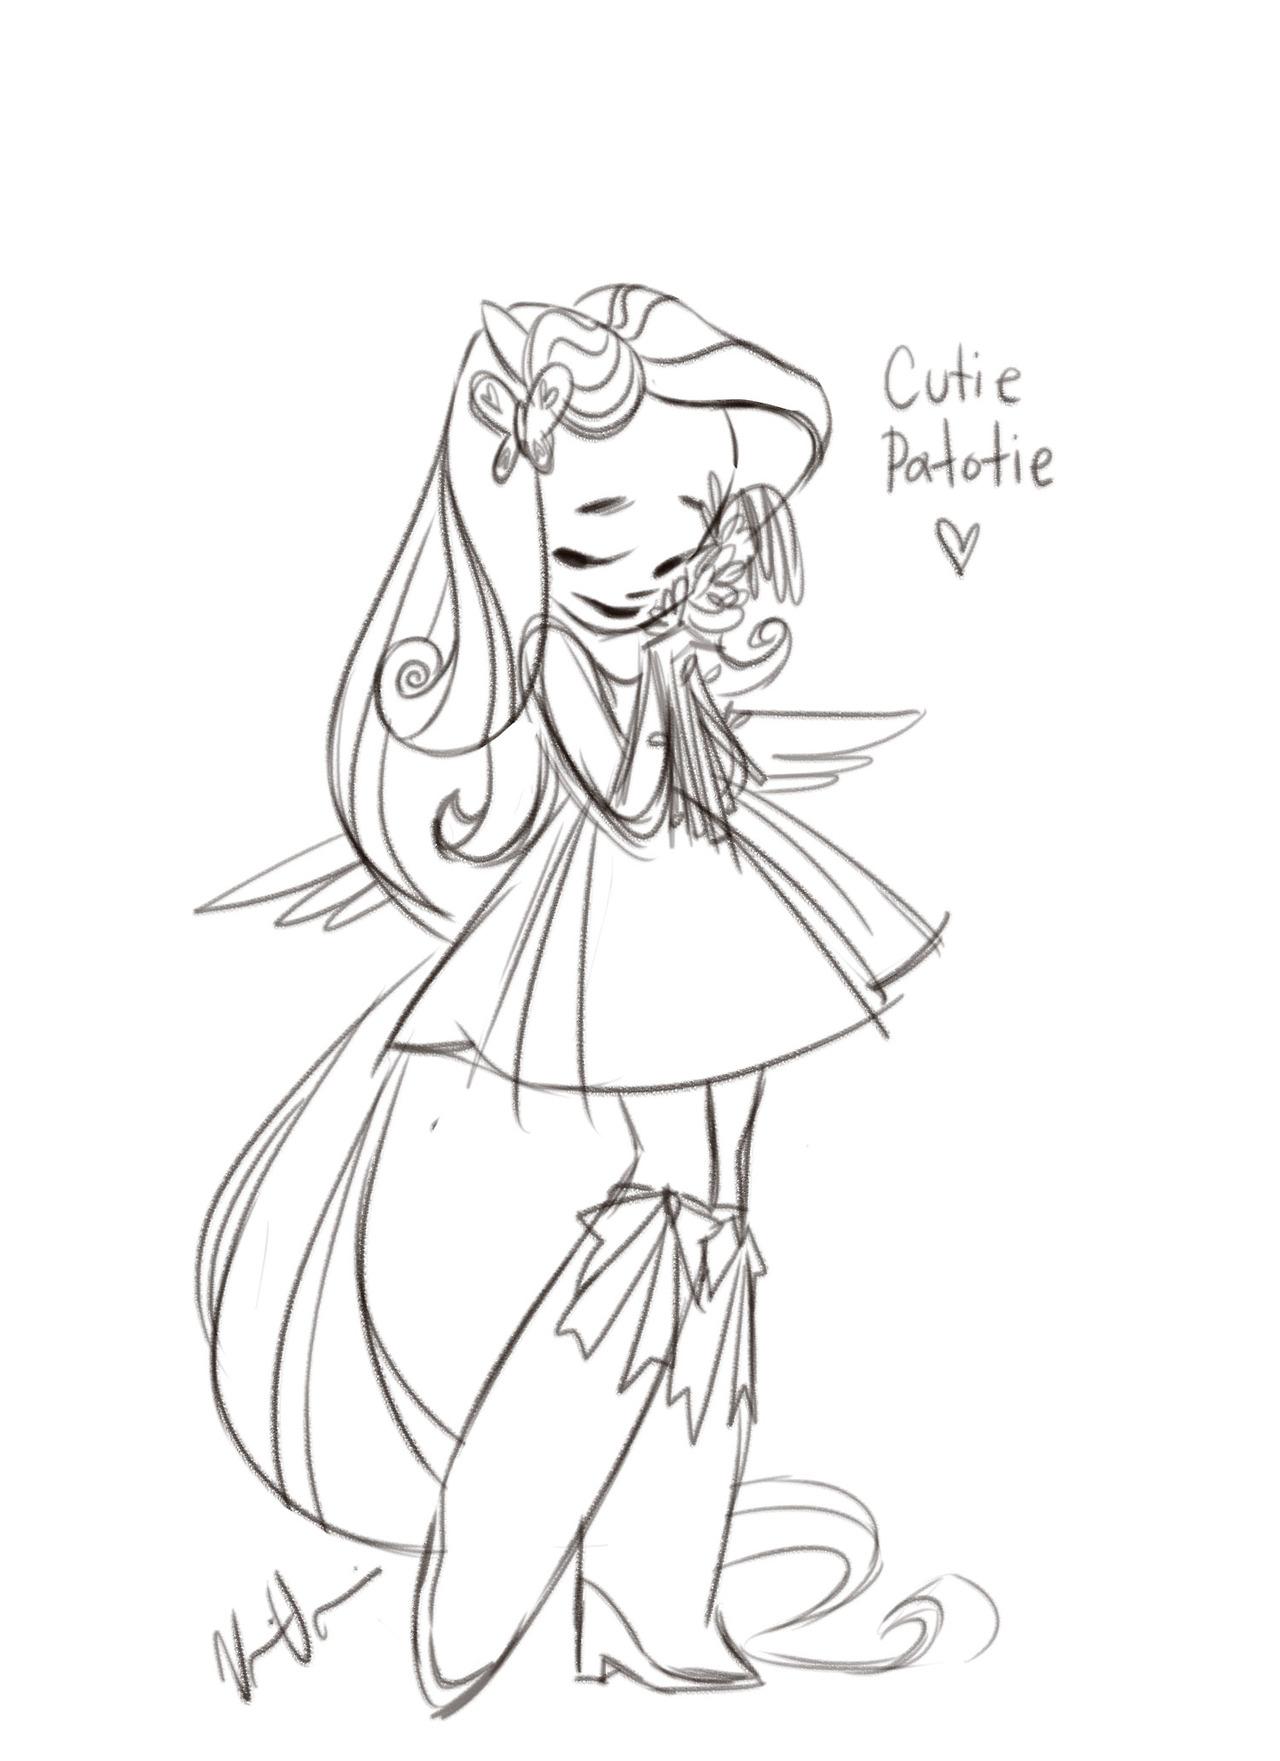 fluttershy (equestria girls) drawn by